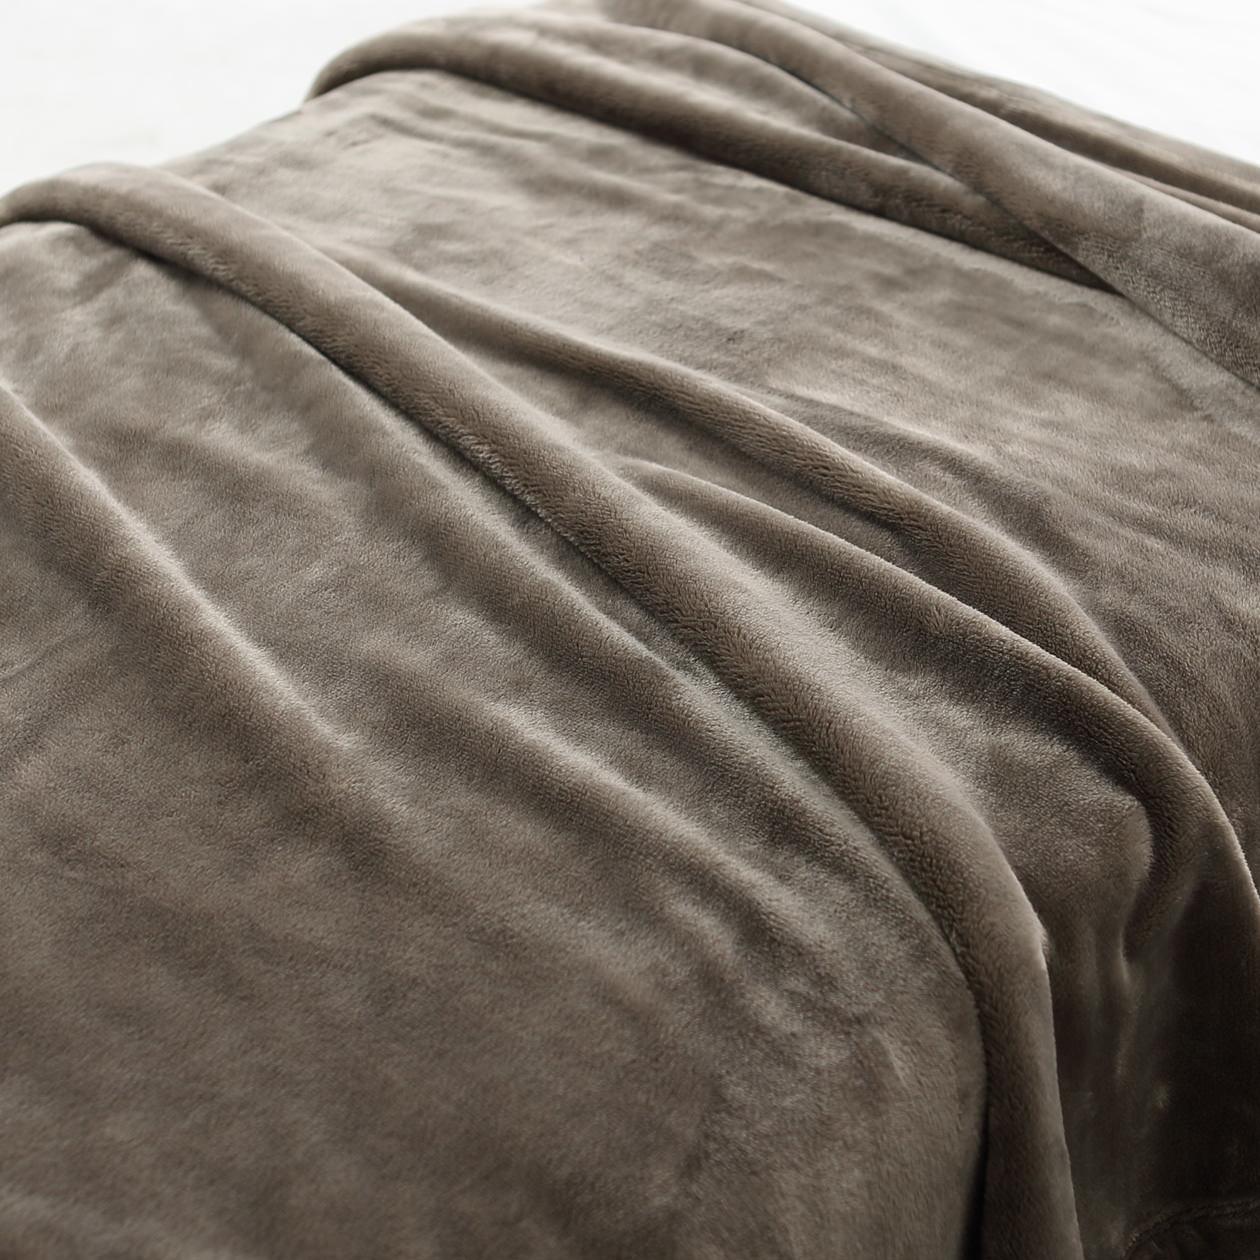 RoomClip商品情報 - あたたかファイバー厚手毛布・S/ベージュ S/ベージュ